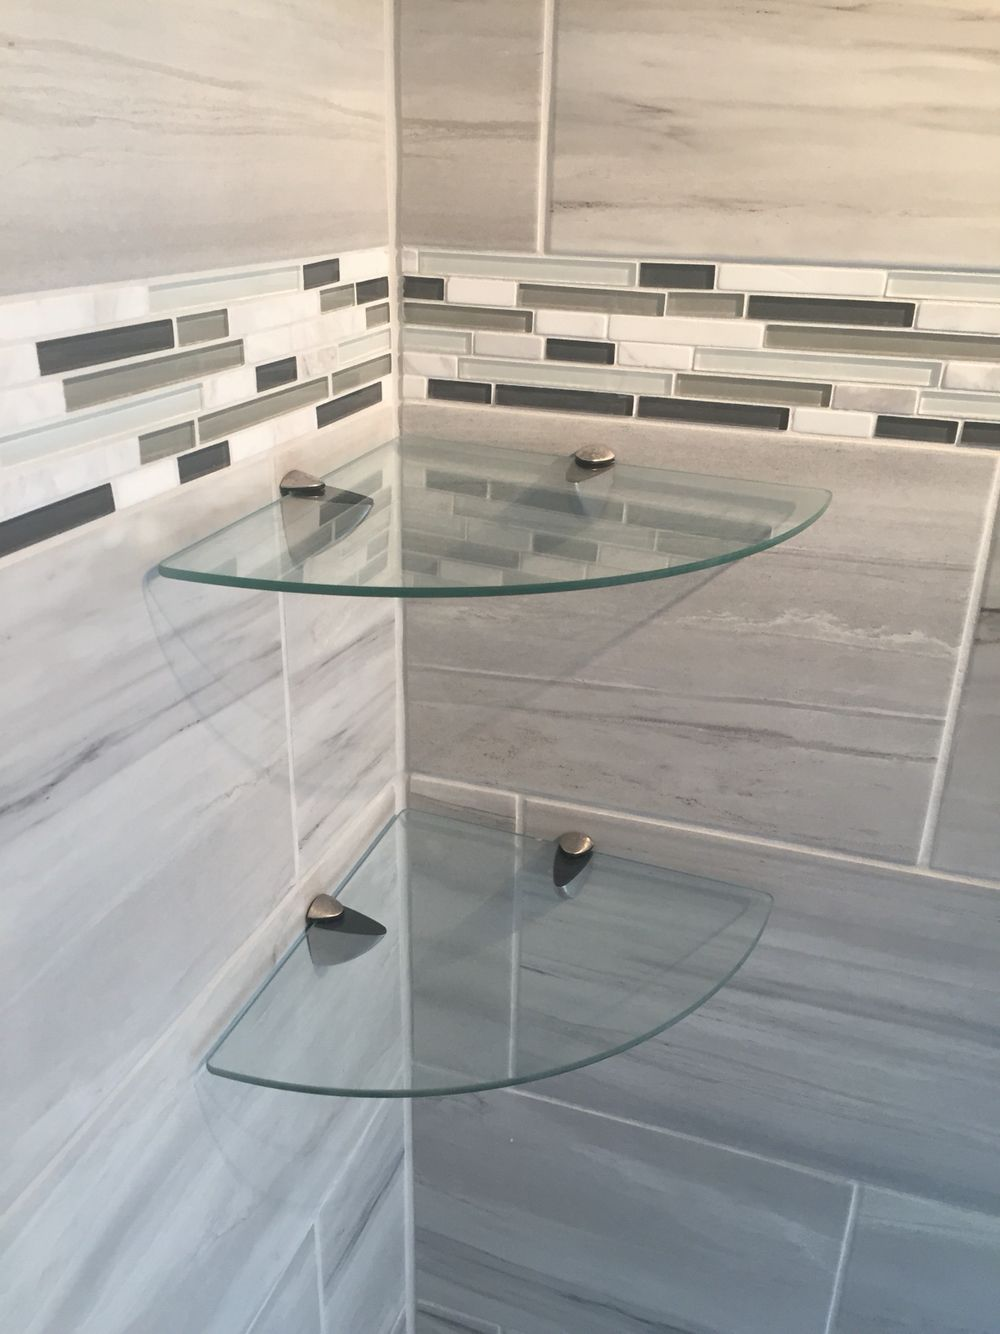 bathroom shower glass corner shelves http://www.amazon/john